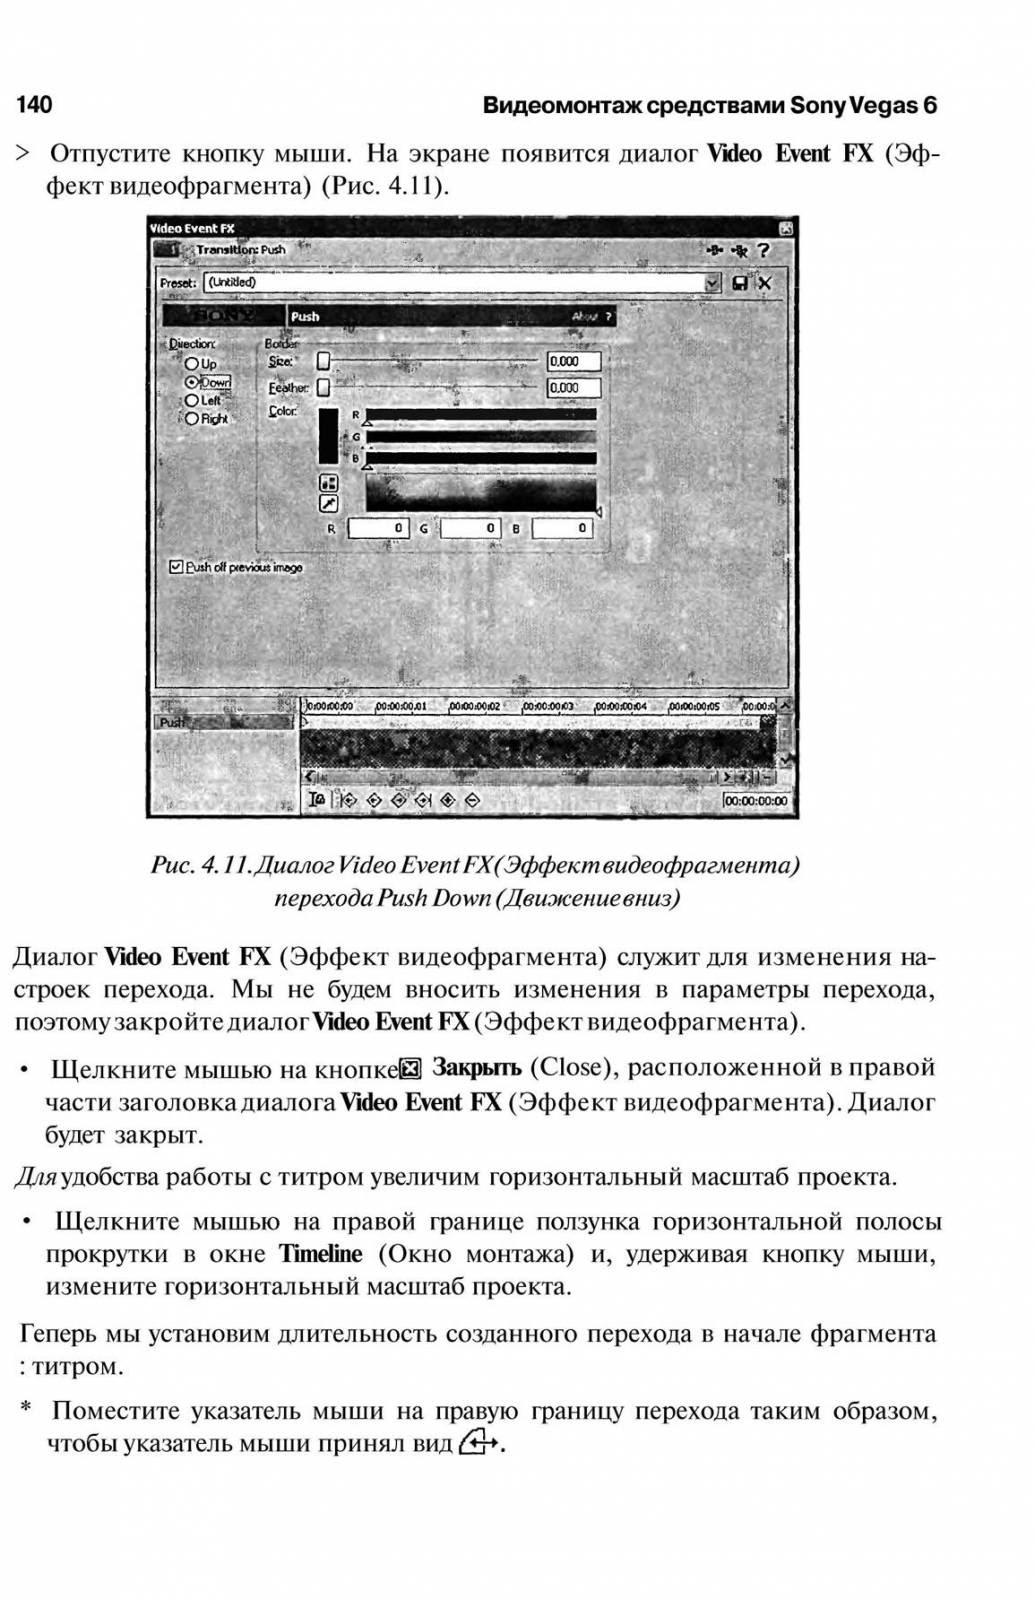 http://redaktori-uroki.3dn.ru/_ph/6/301954493.jpg